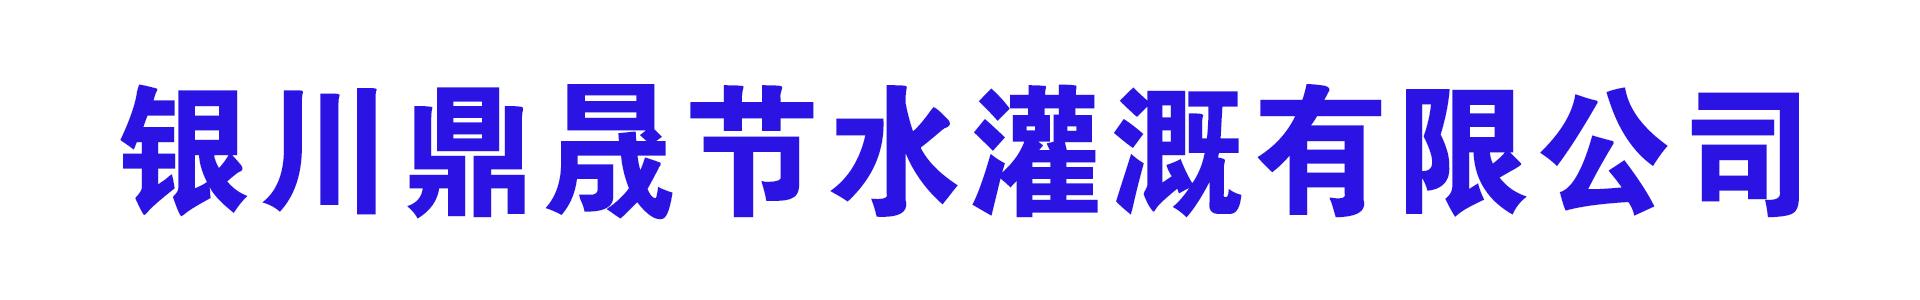 银川鼎晟节水灌溉有限公司